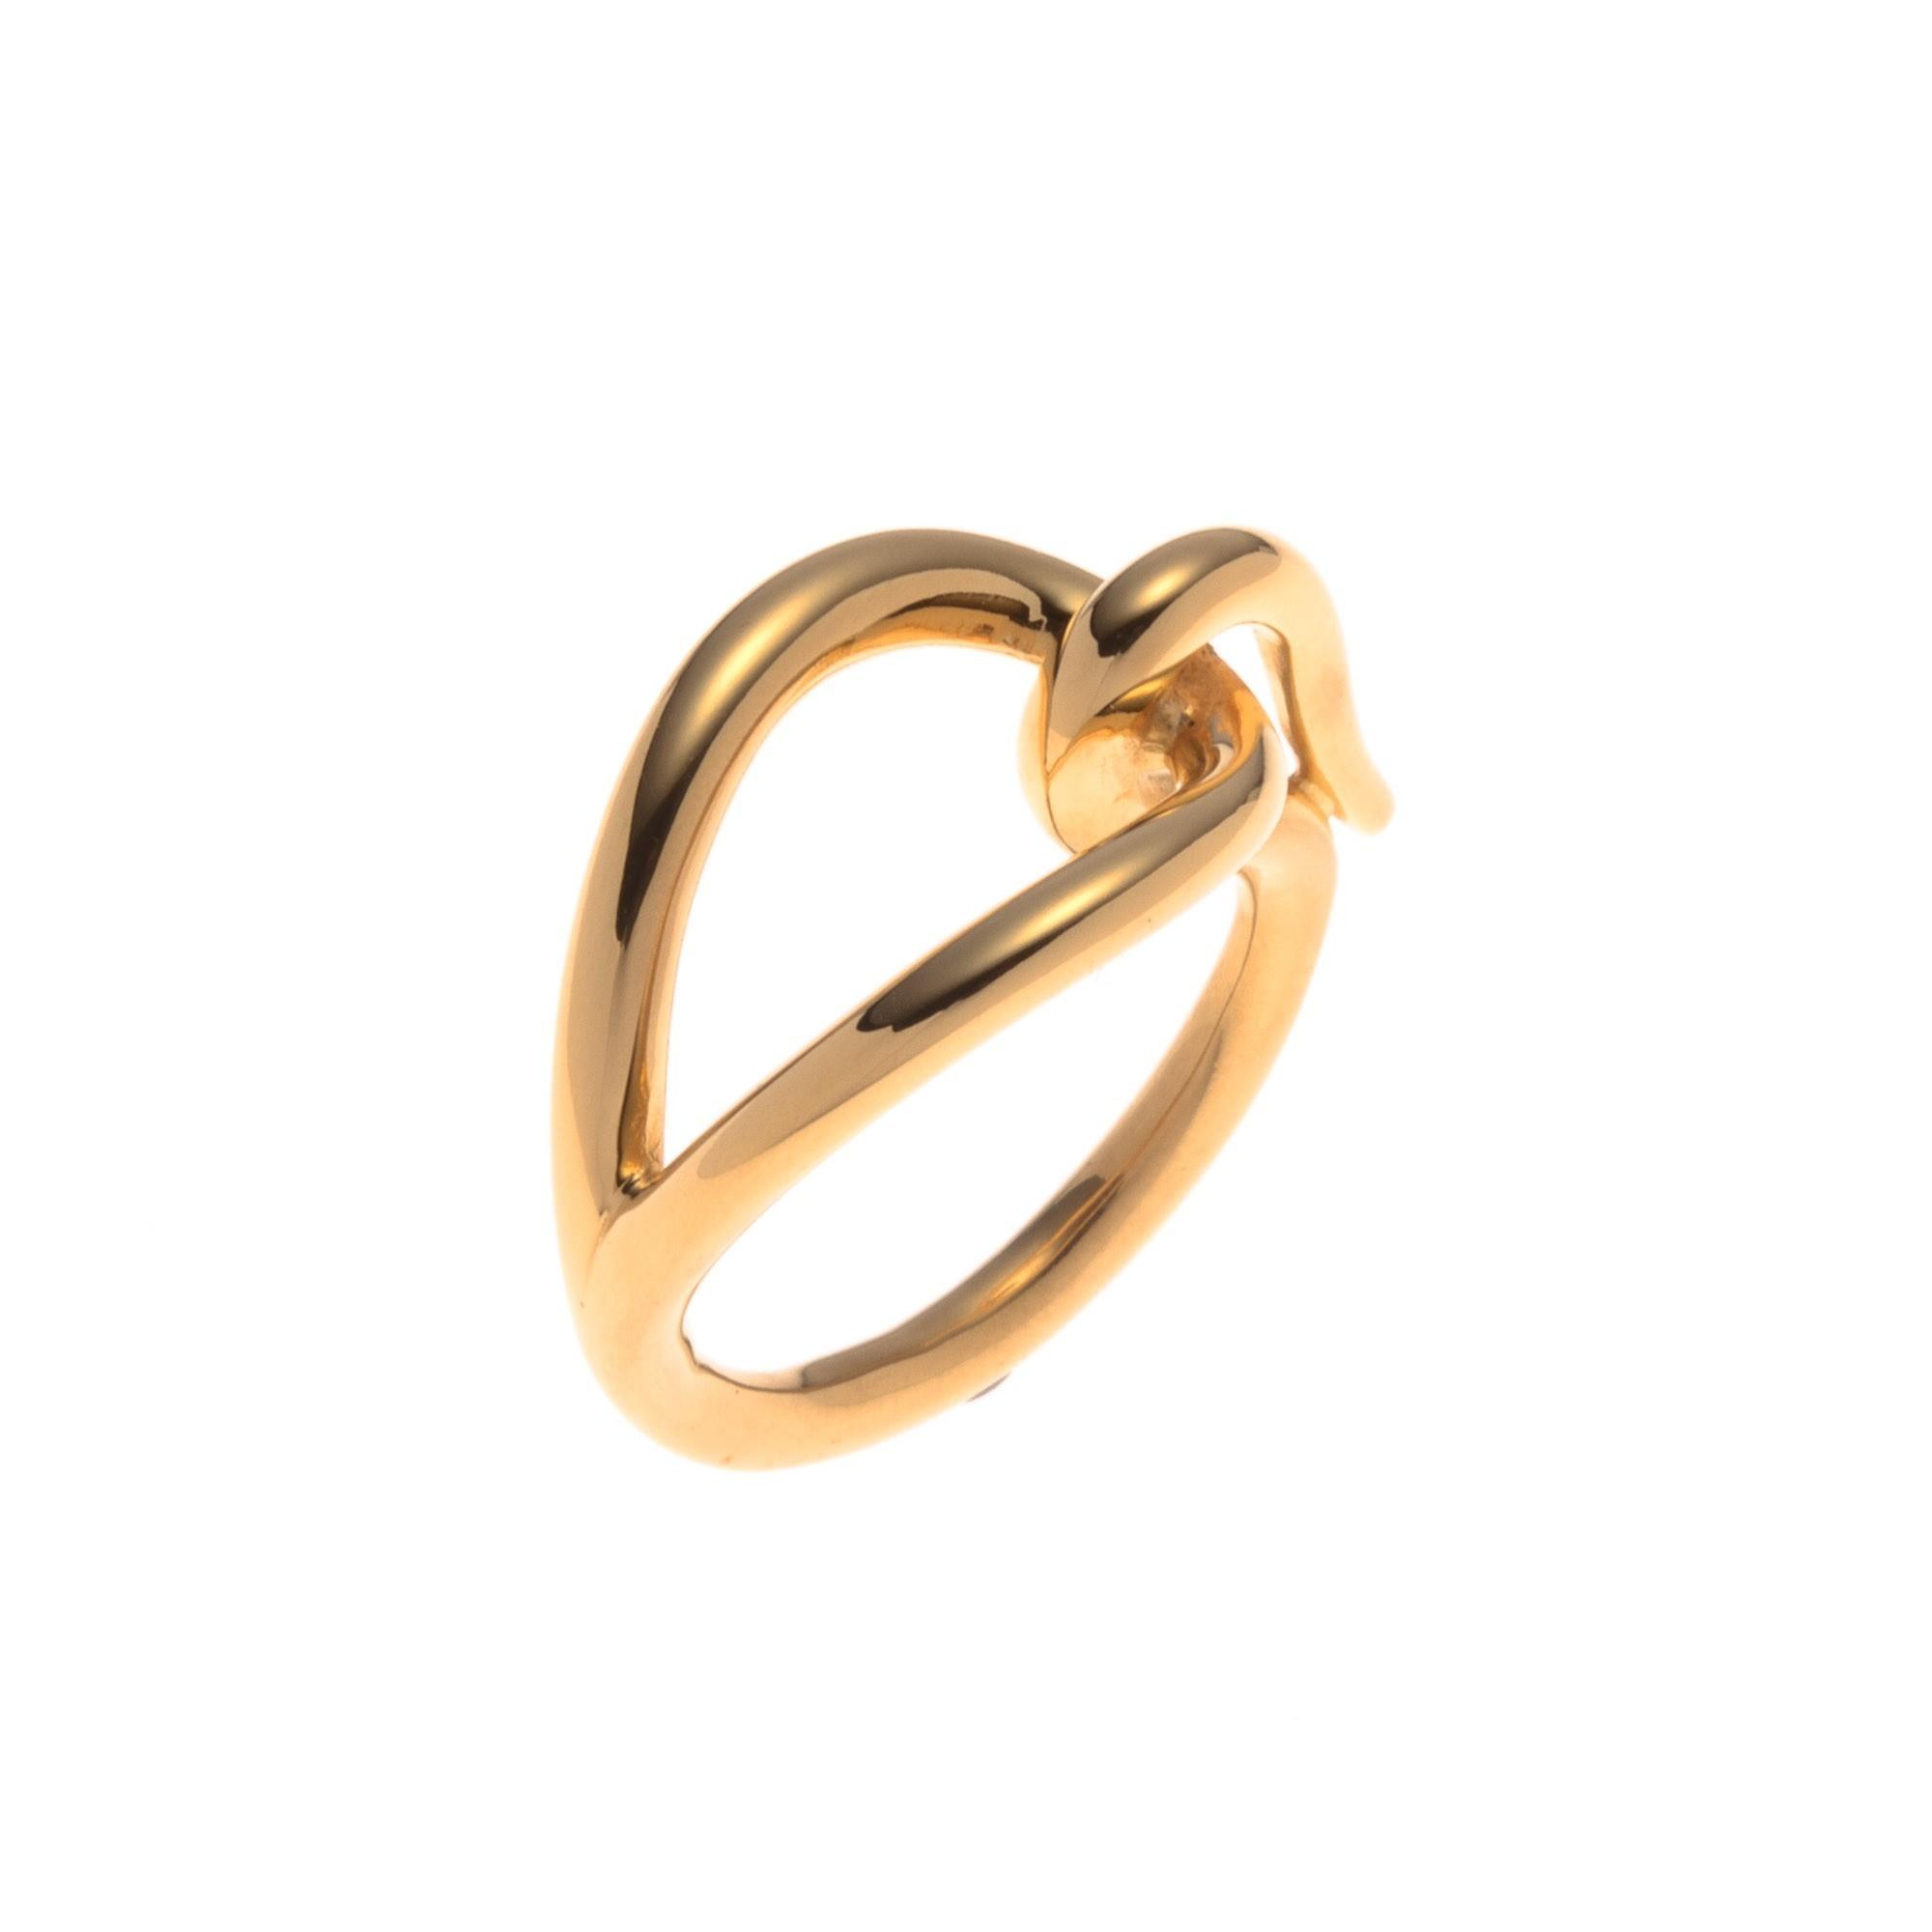 Hermes Jumbo Scarf Ring